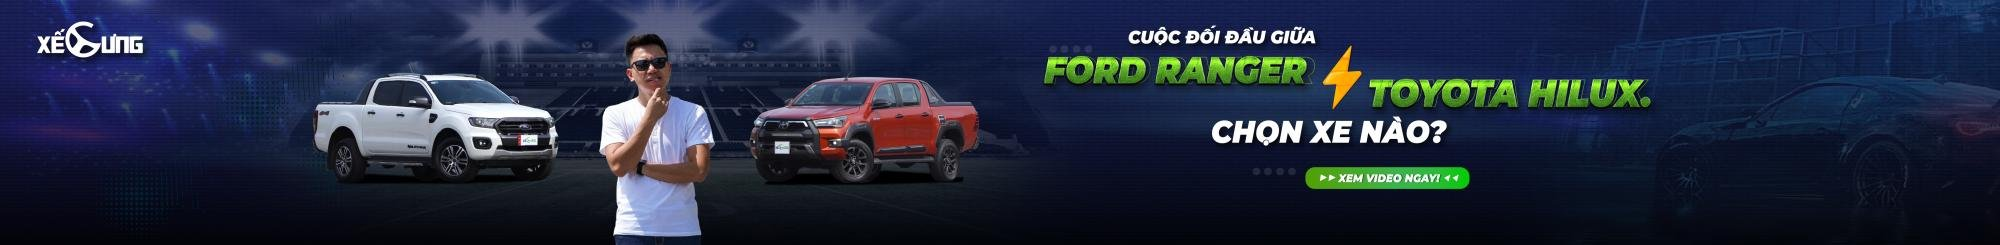 Ford Ranger_LyPTK